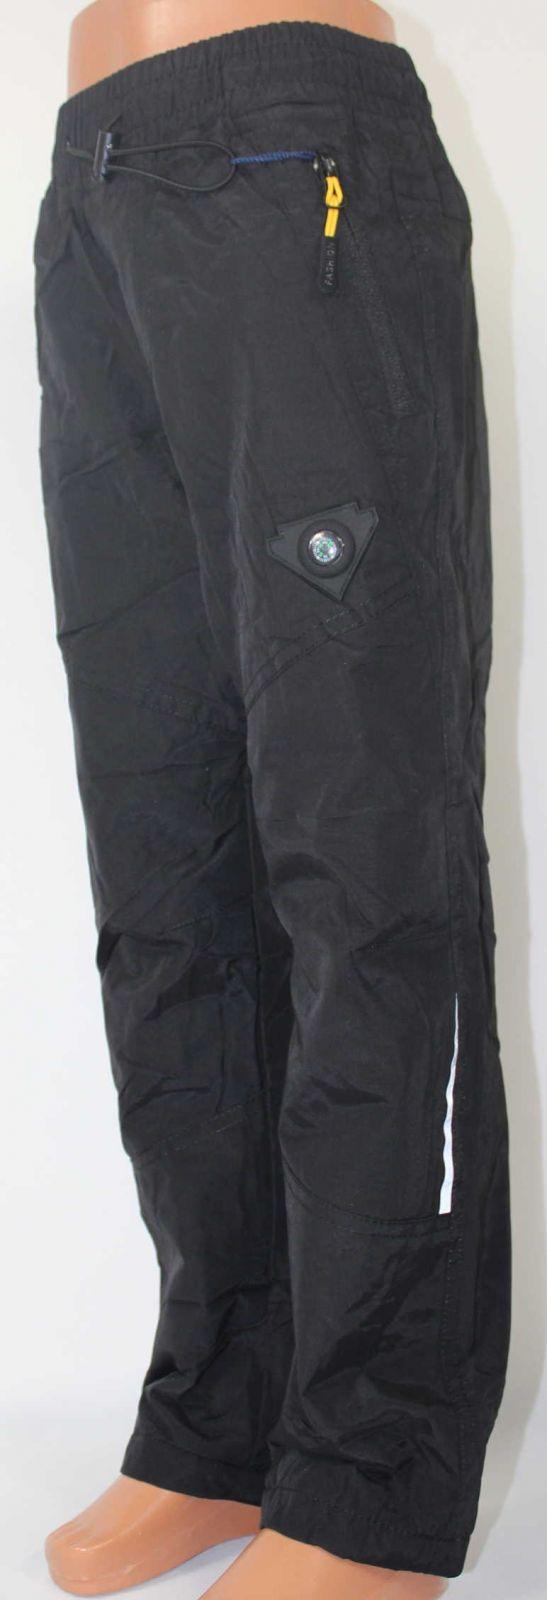 Dětské zateplené nepromokavé kalhoty, zimní kalhoty, zateplené kalhoty Sezon, dívčí zateplené kalhoty, chlapecké zateplené kalhoty